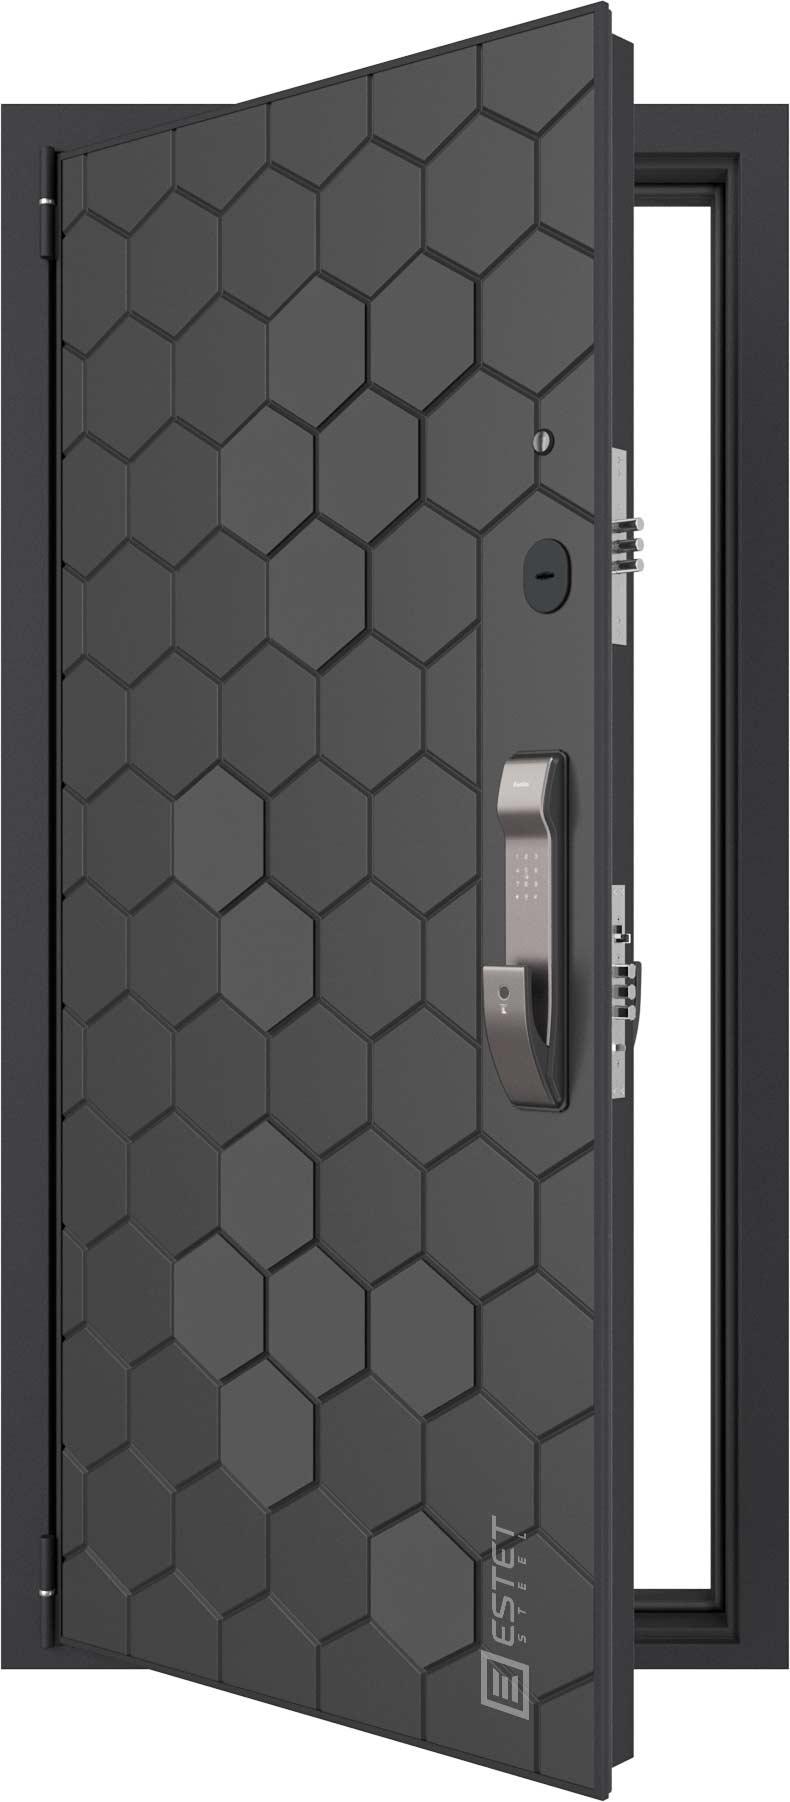 Входная дверь Дверь Лофт SMART 13.2 с электронным замком